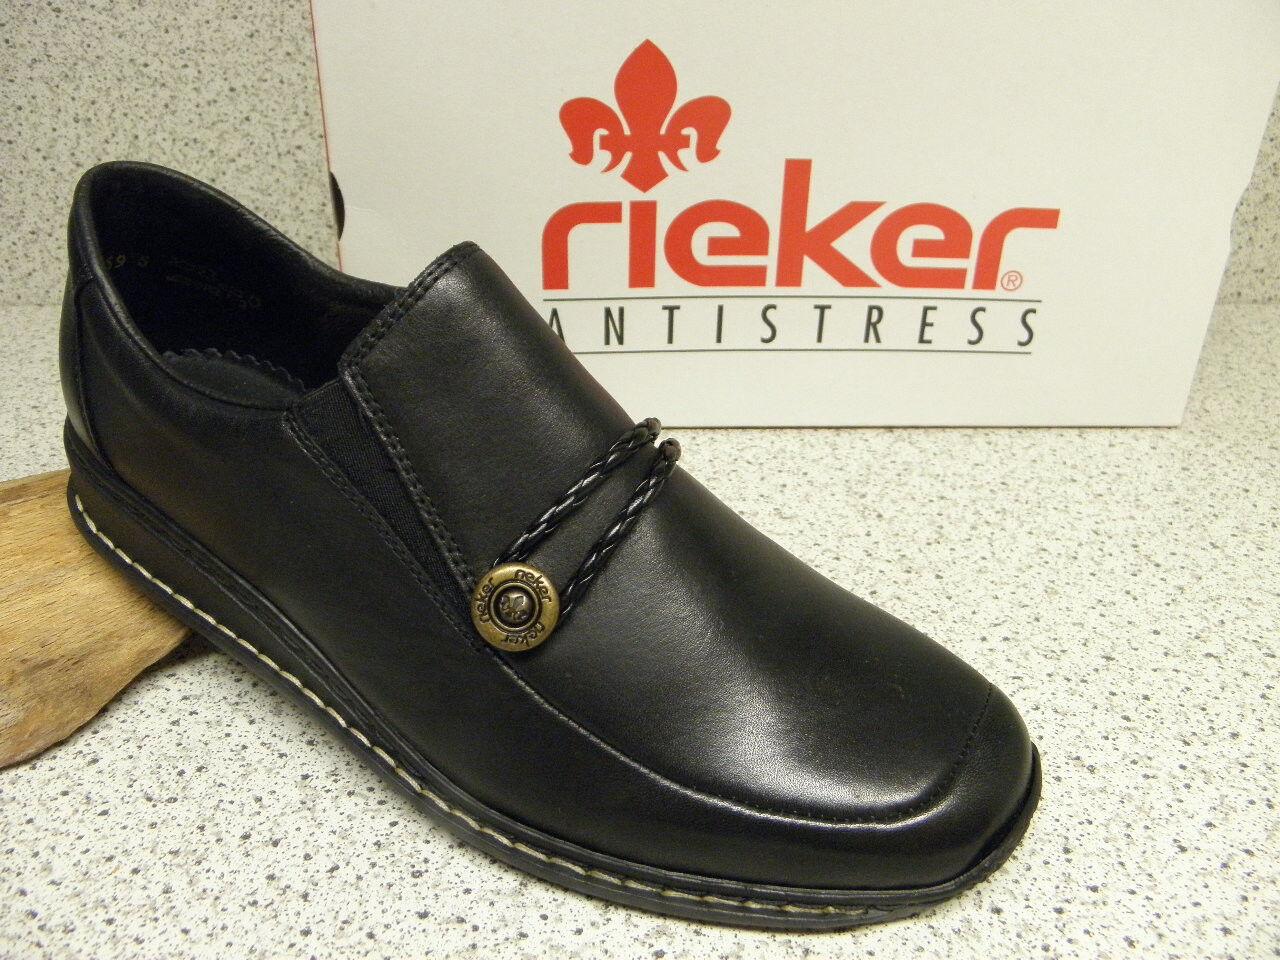 rieker ® ROTuziert, schwarz, Top Preis + gratis Premium - Socken, 44360-00 (R1)